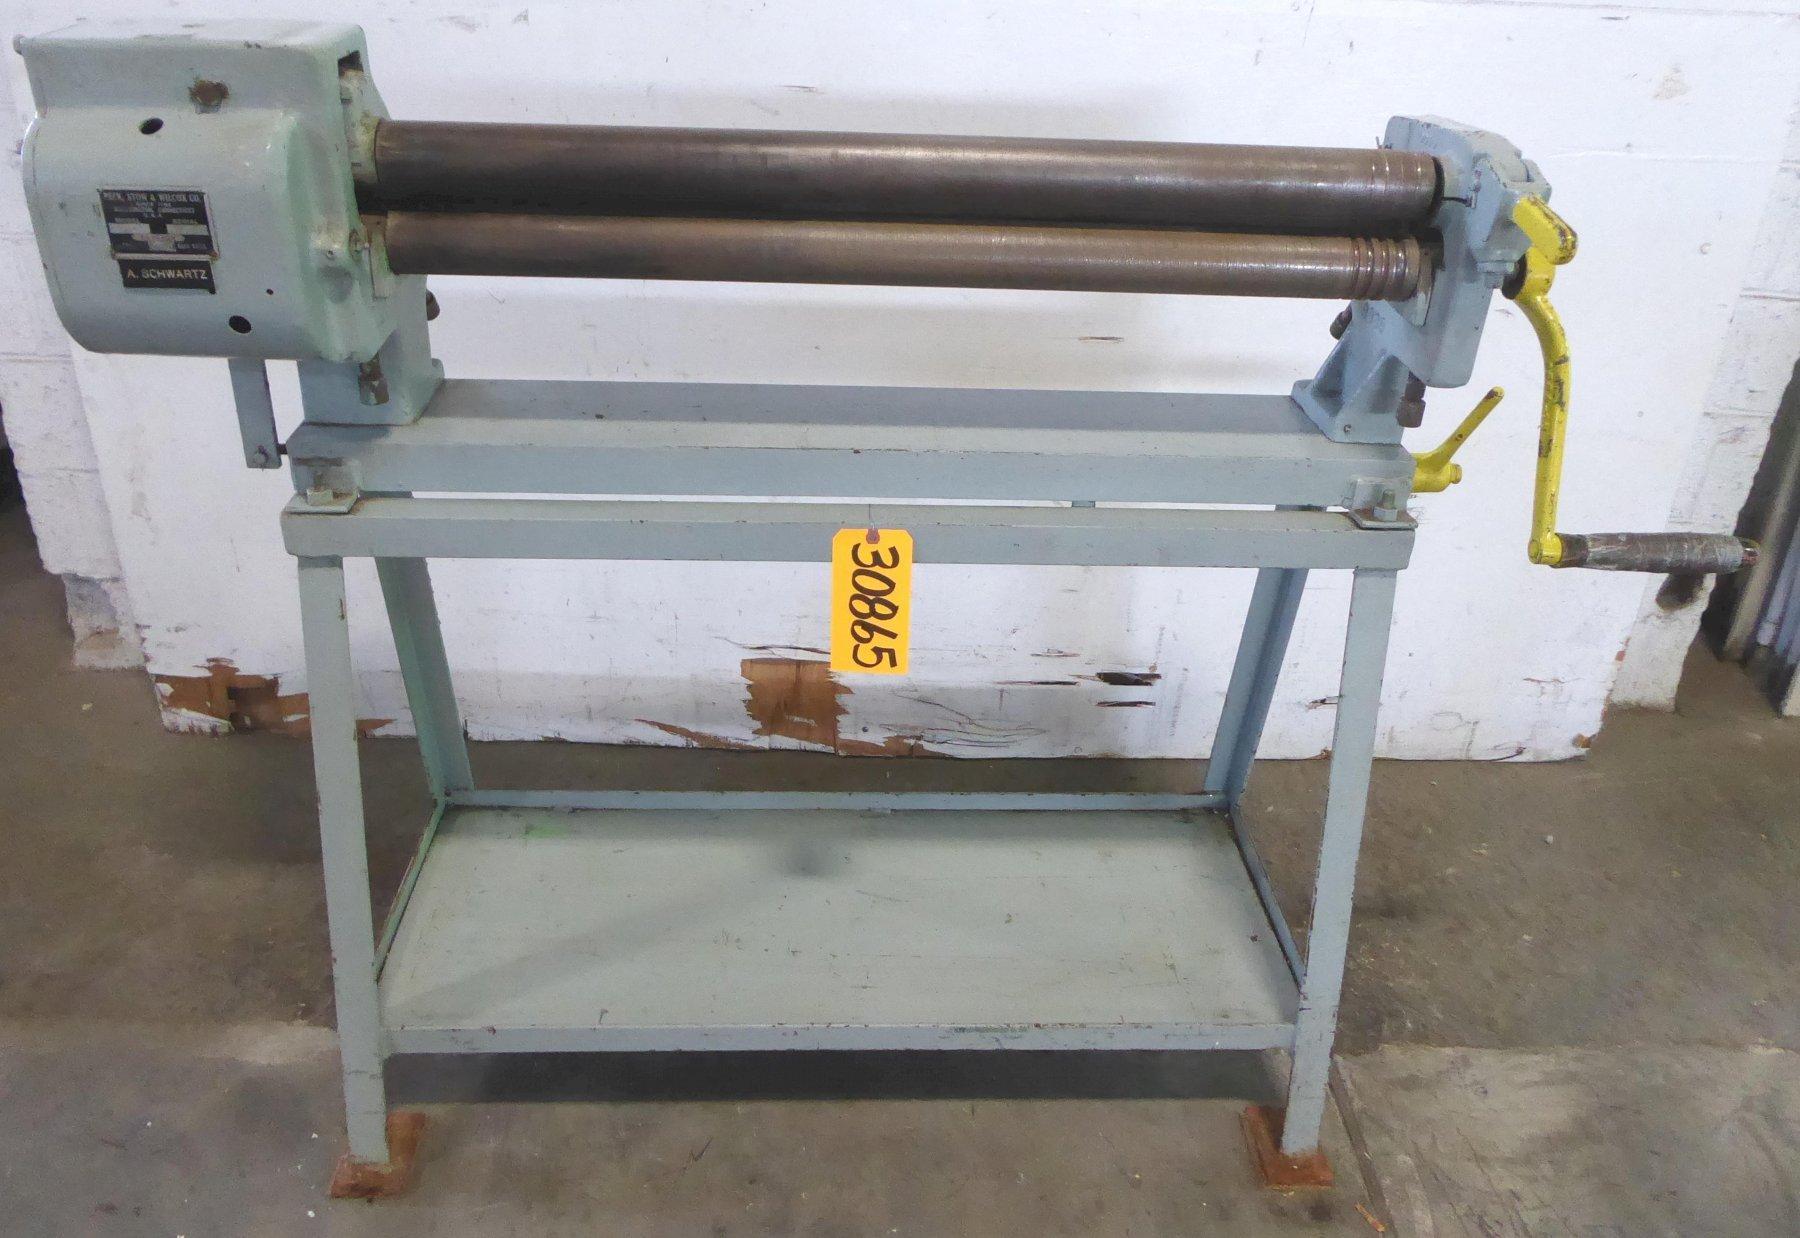 36″ x 16-18 Ga. PEXTO No. 390-E, 2-1/2″ Dia. Rolls, Floor Stand, Nice